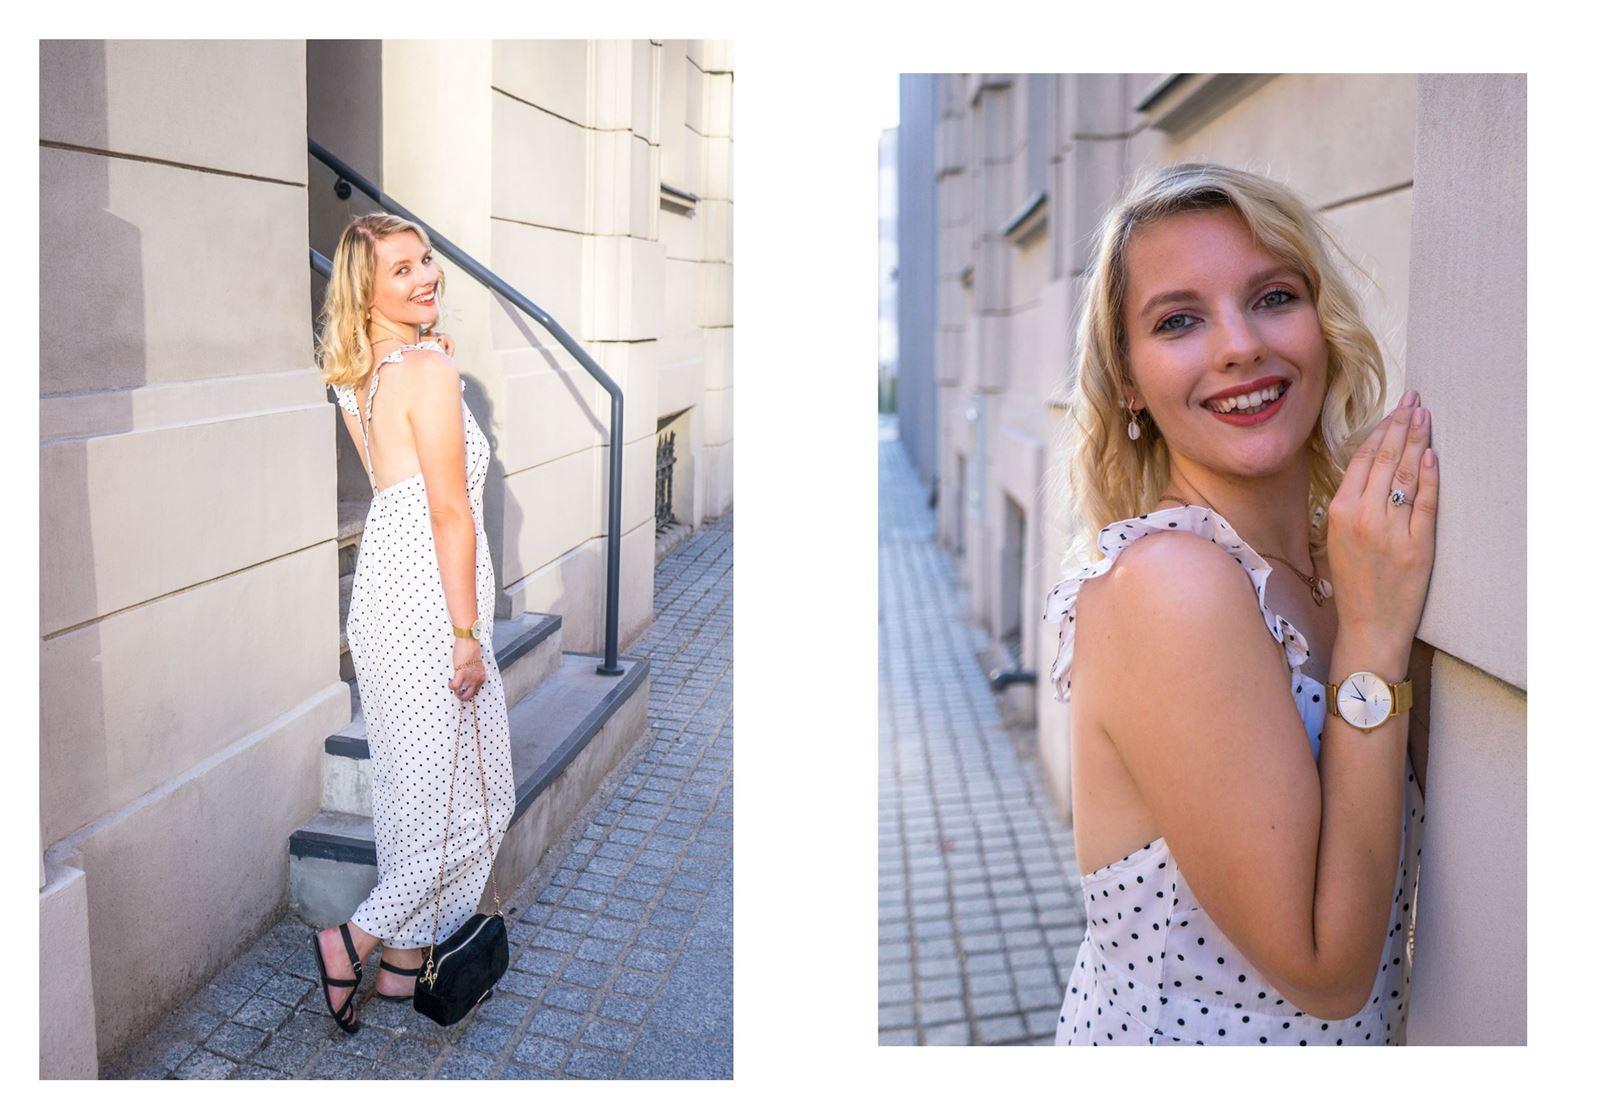 7 modny kombinezon sukienka w groszki jak nosić w grochy sukienki idealne ubranie na wesele w co ubrać się na wesele w lato na poprawiny na-kd opinie modne stylizacje na lato sukienki dla blondynki